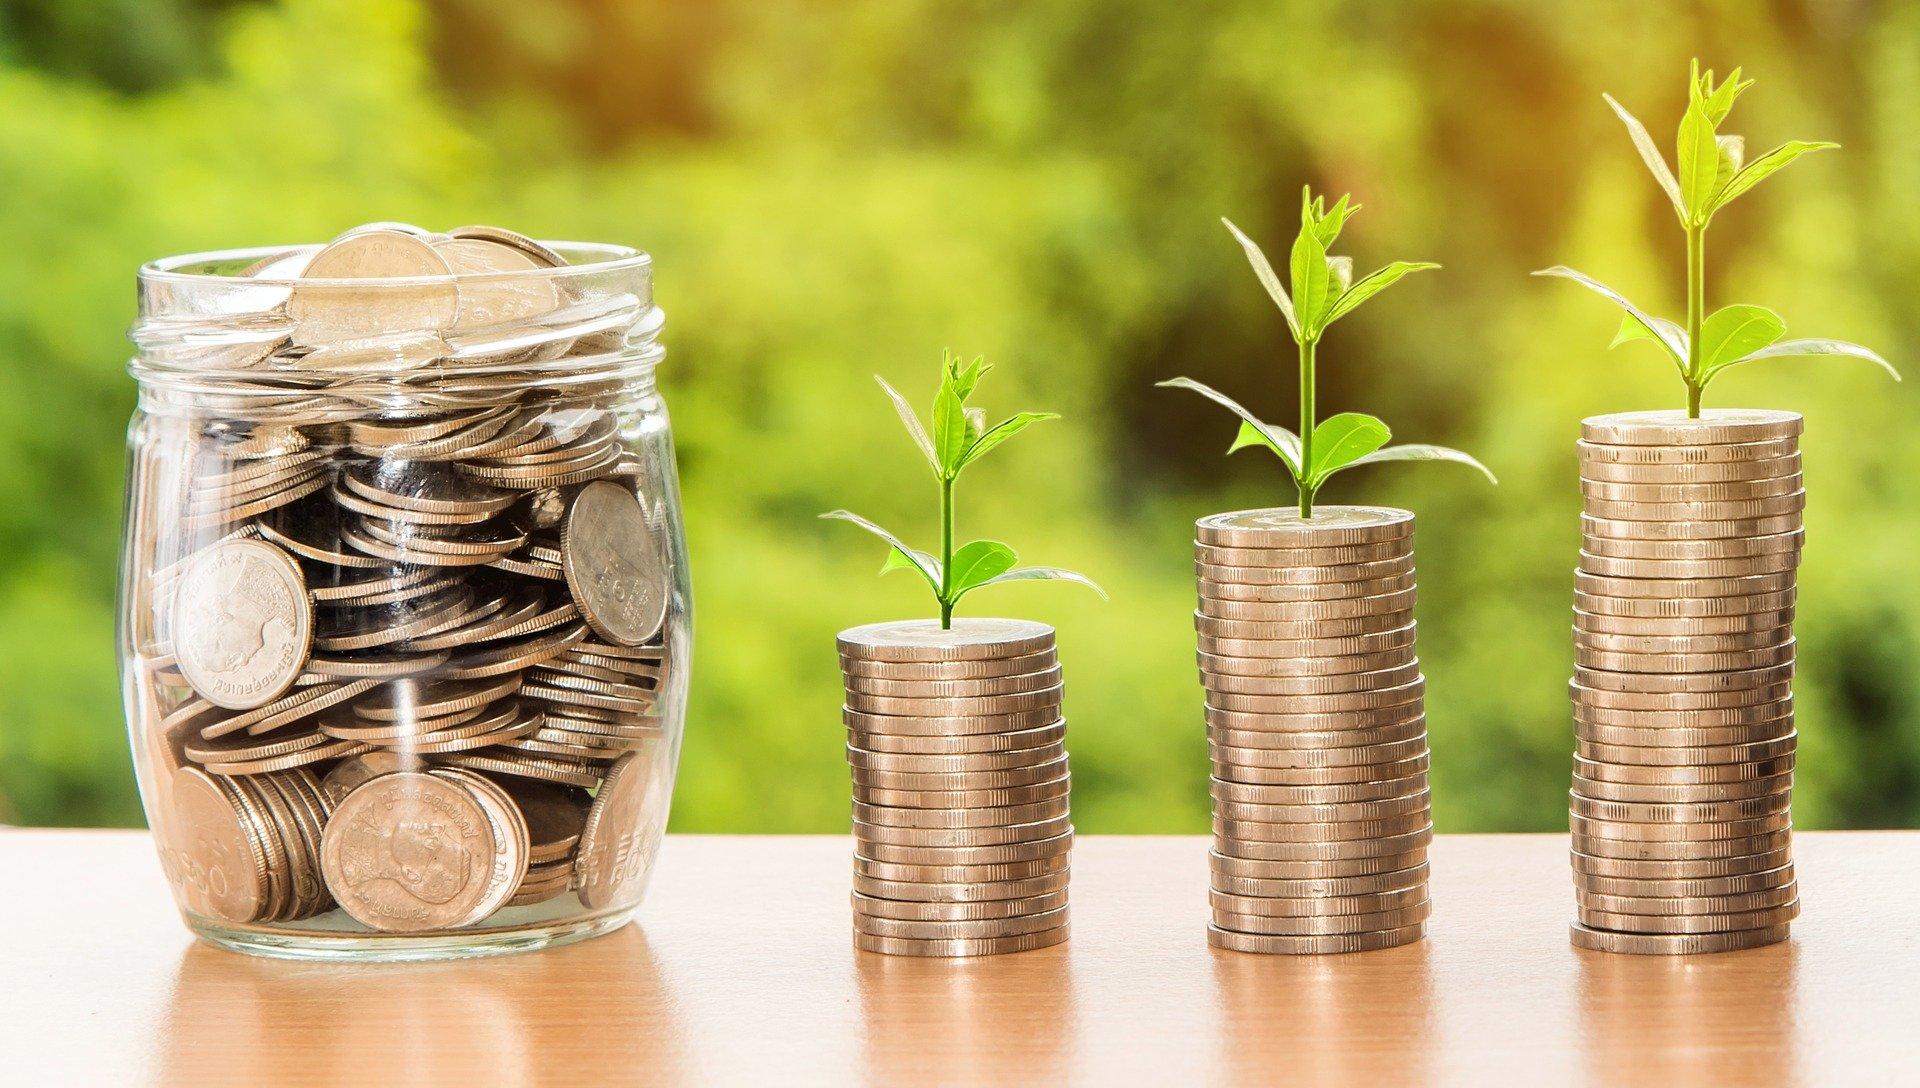 Эксперт предсказал рост ставок по вкладам